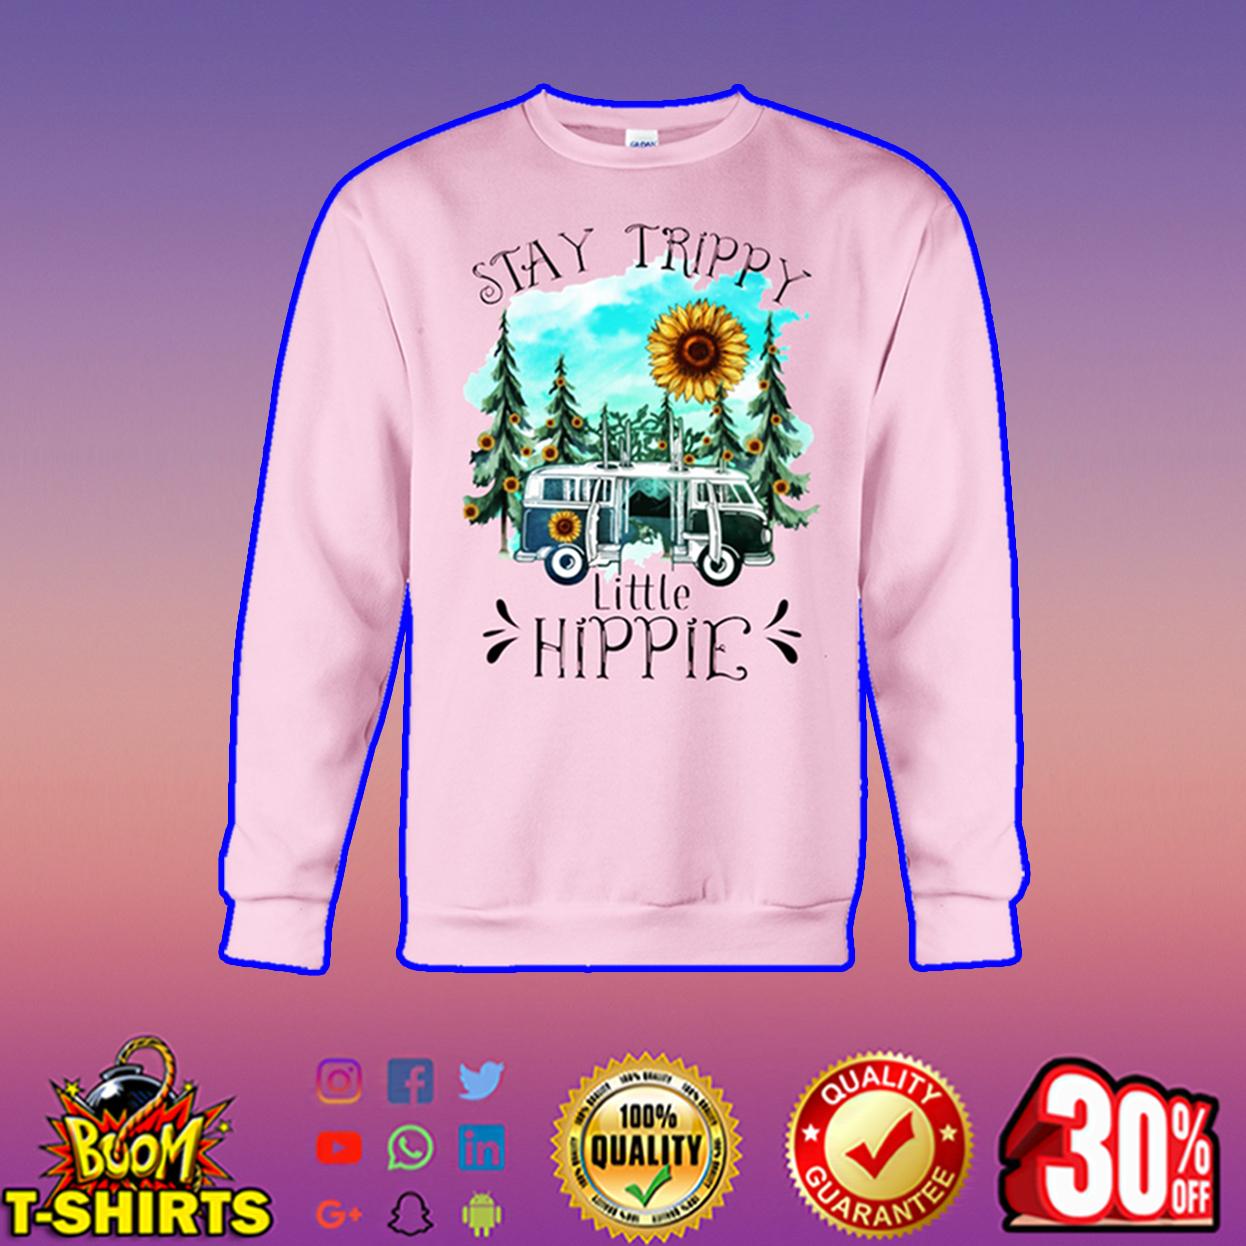 Stay Trippy Little Hippie Sunflower sweatshirt